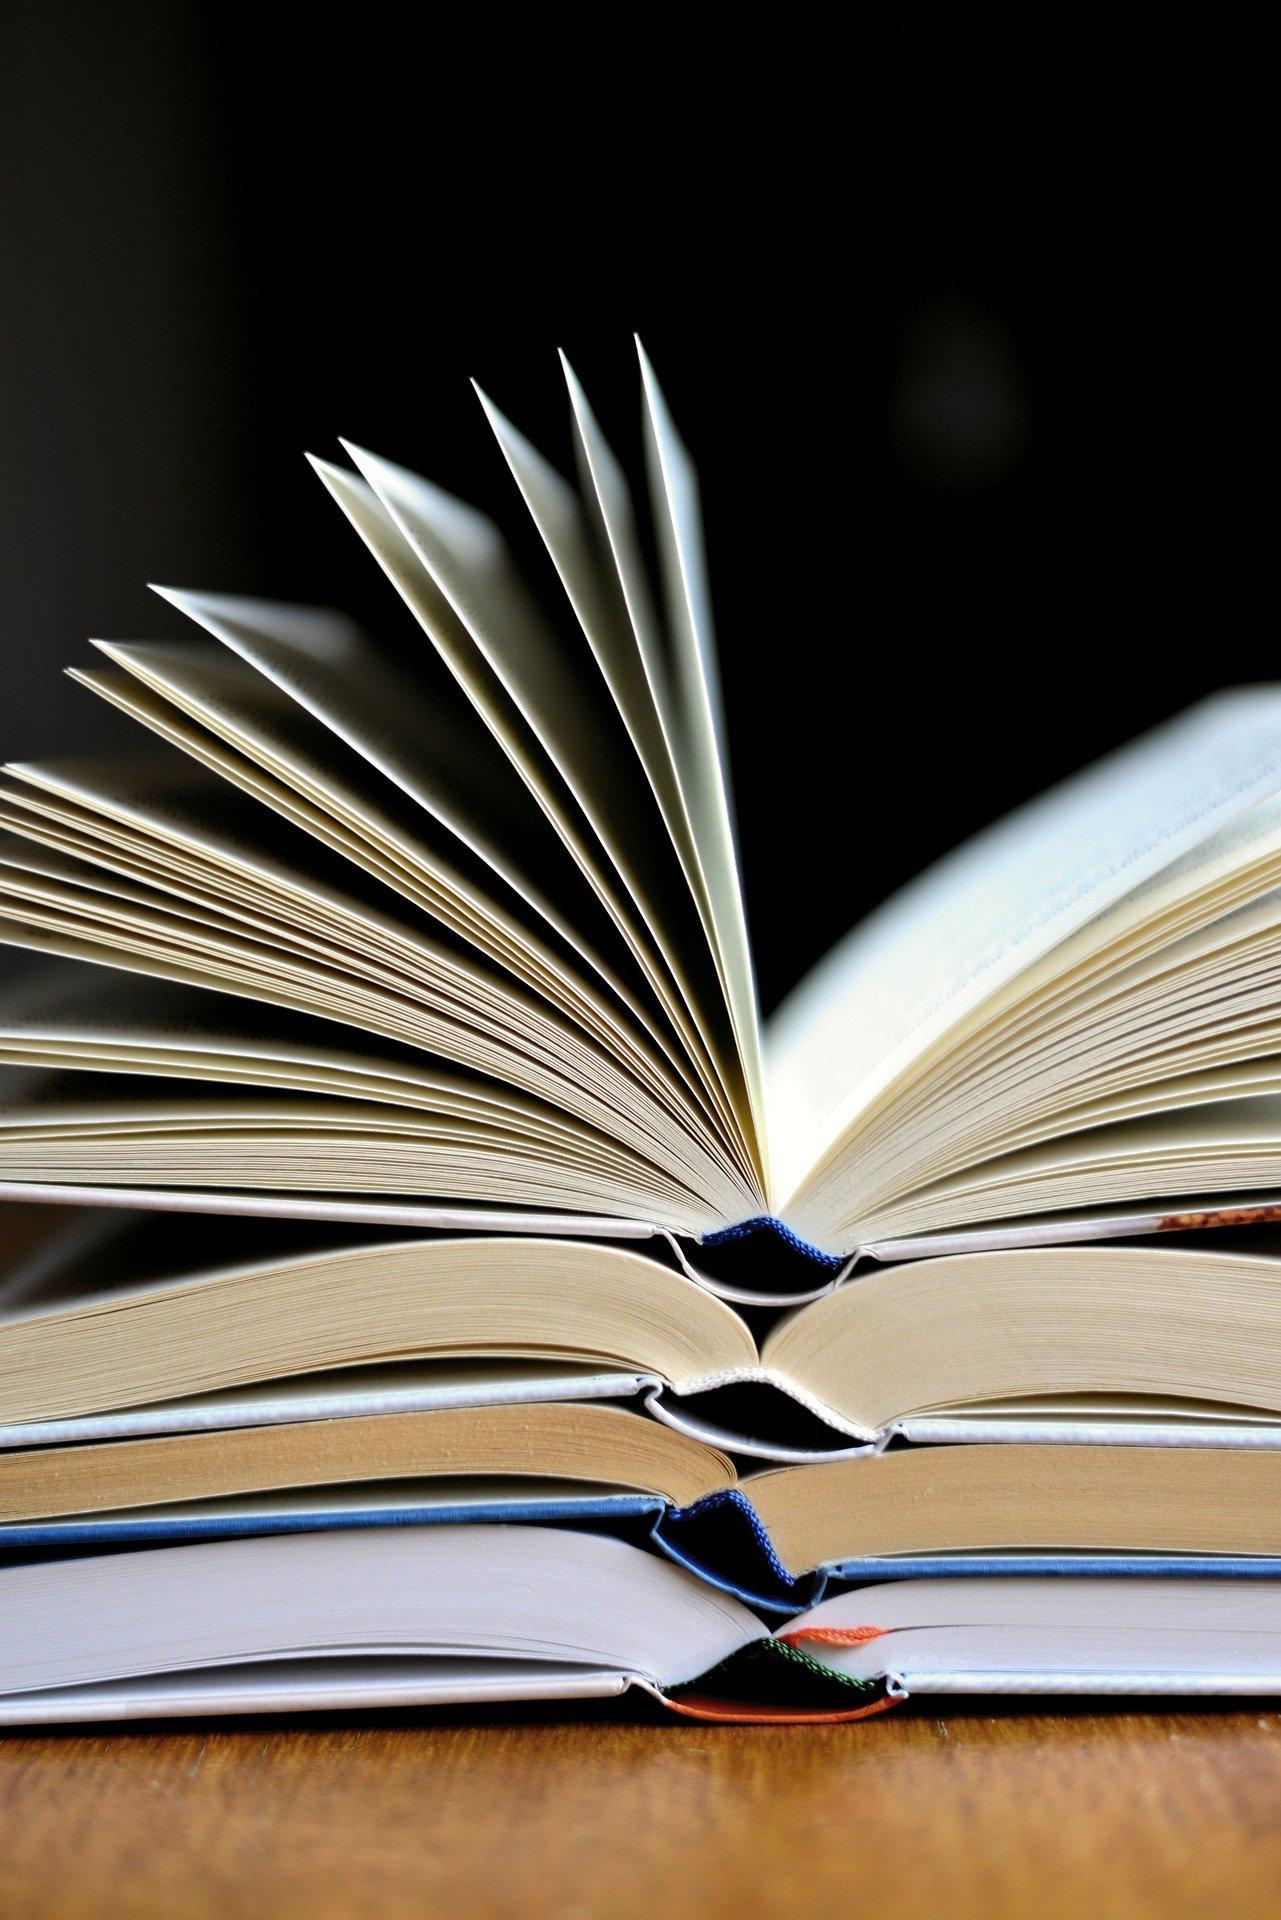 book-3964050_1920